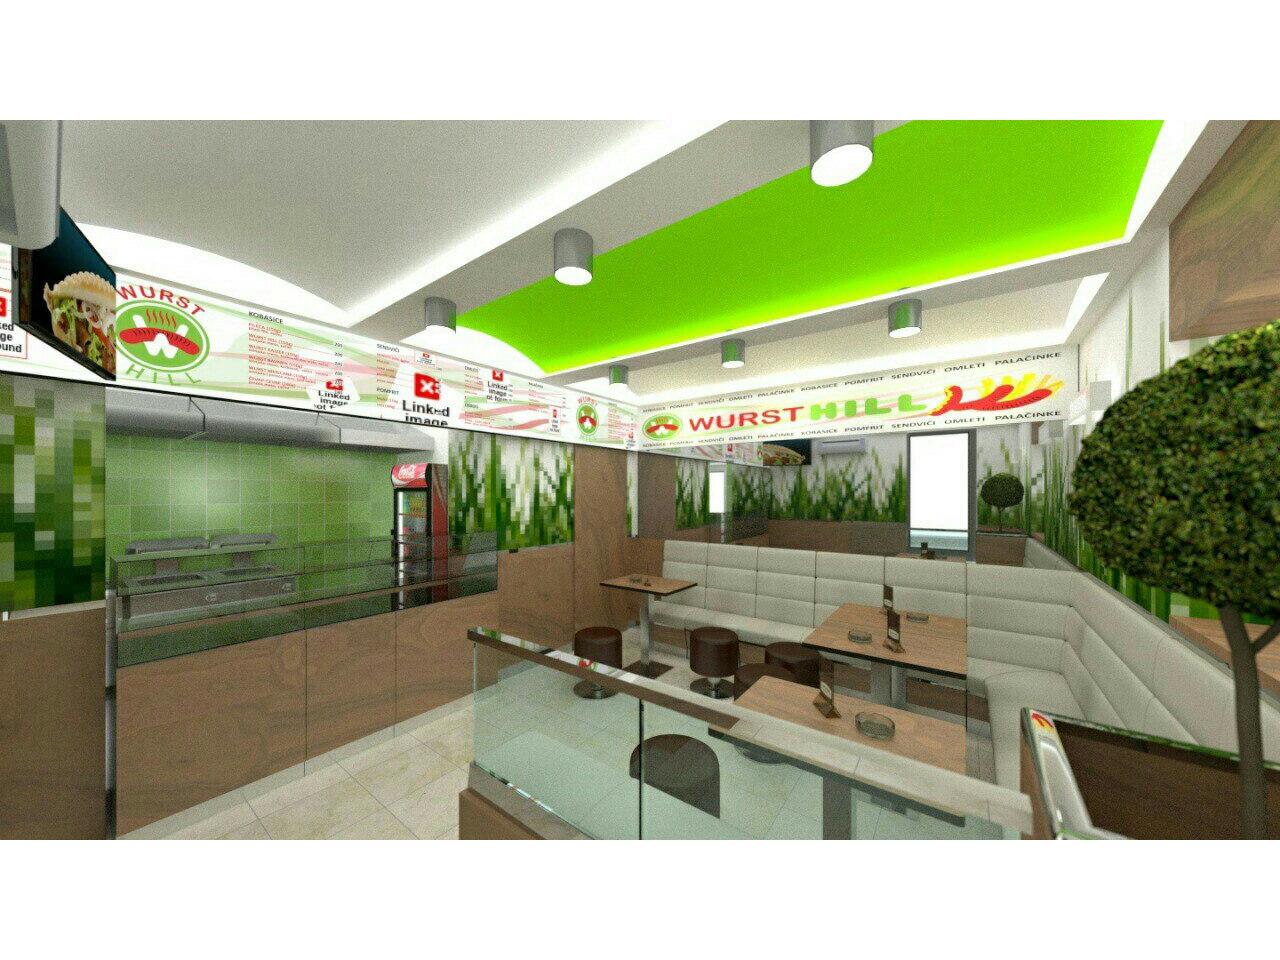 fast food wurst hill delivery 148a pozeska st banovo. Black Bedroom Furniture Sets. Home Design Ideas